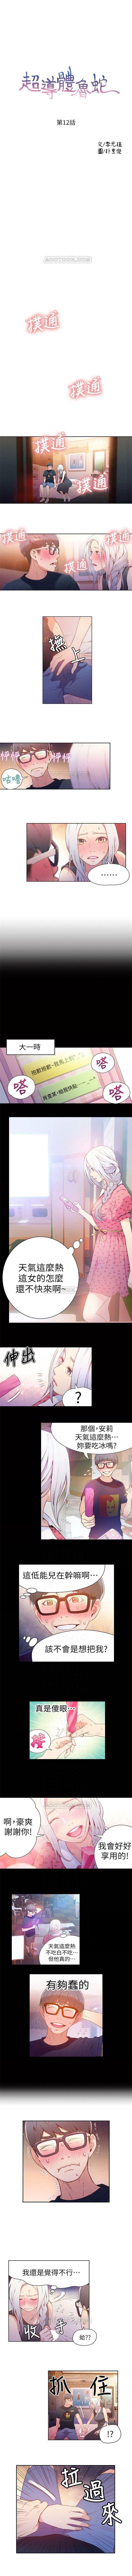 (周7)超导体鲁蛇(超级吸引力) 1-14 中文翻译(更新中) 53